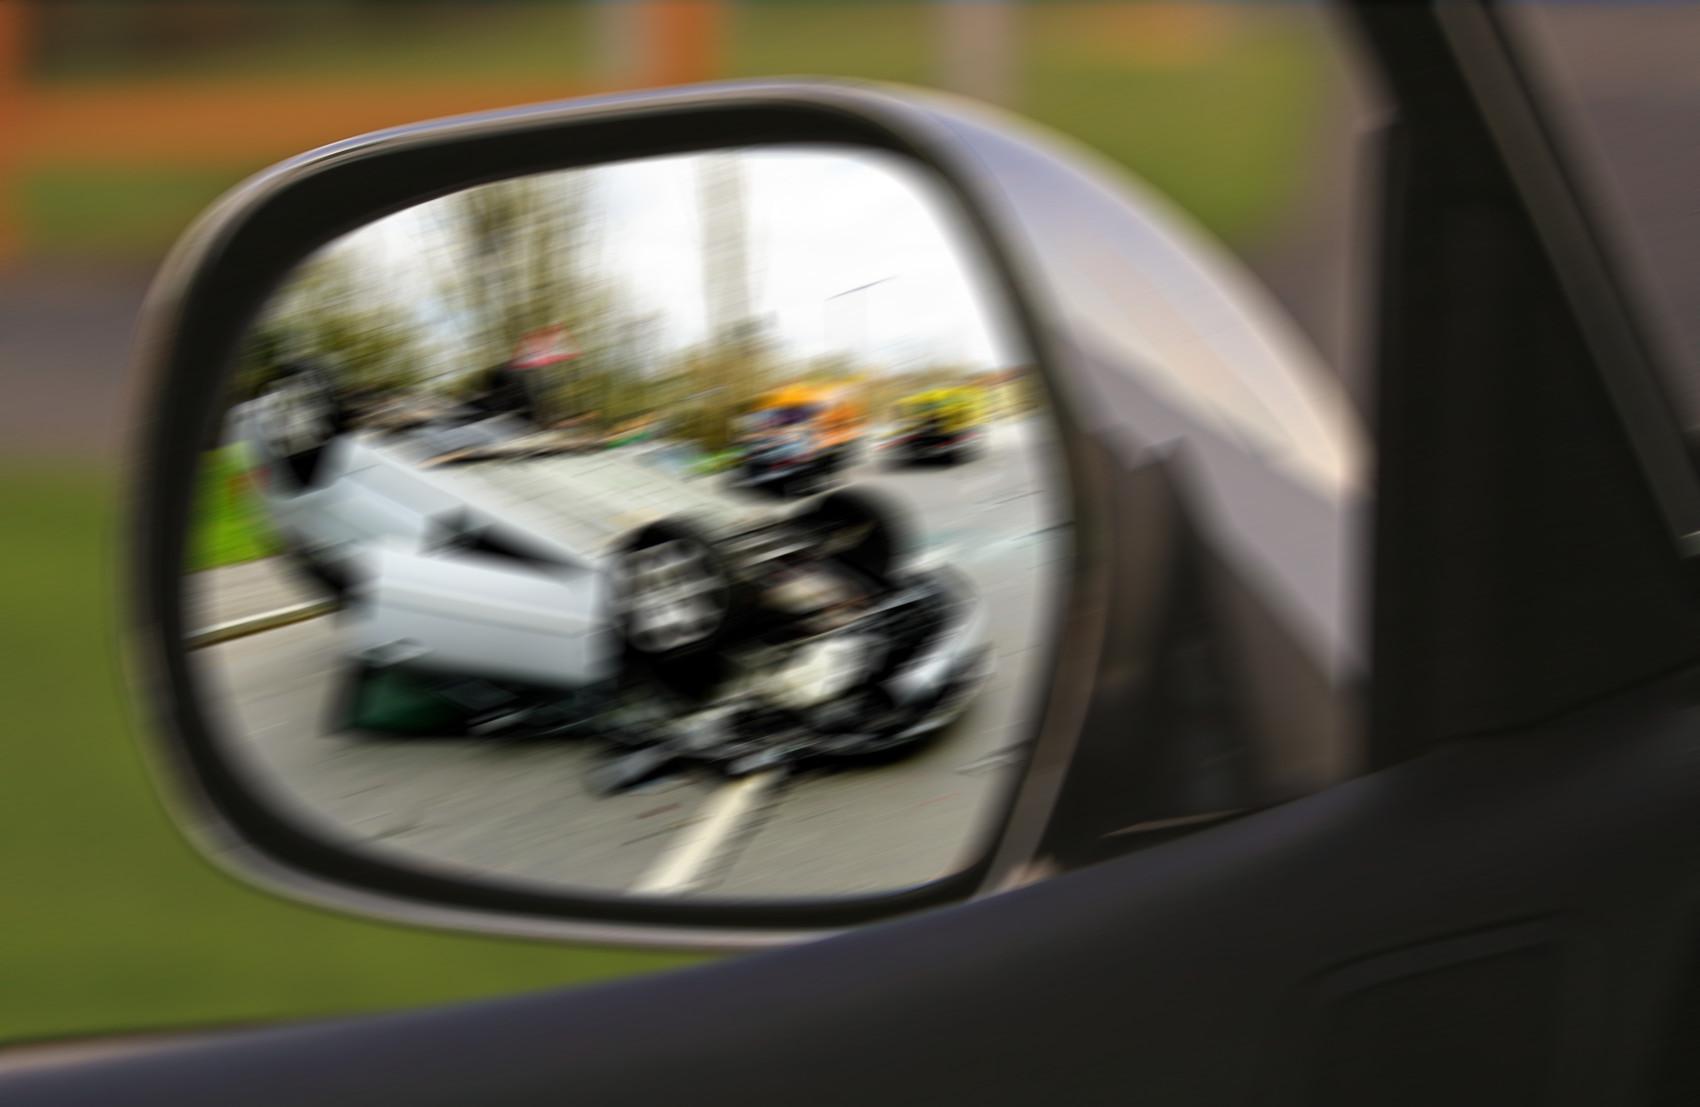 Vluchtmisdrijf bij een ongeval